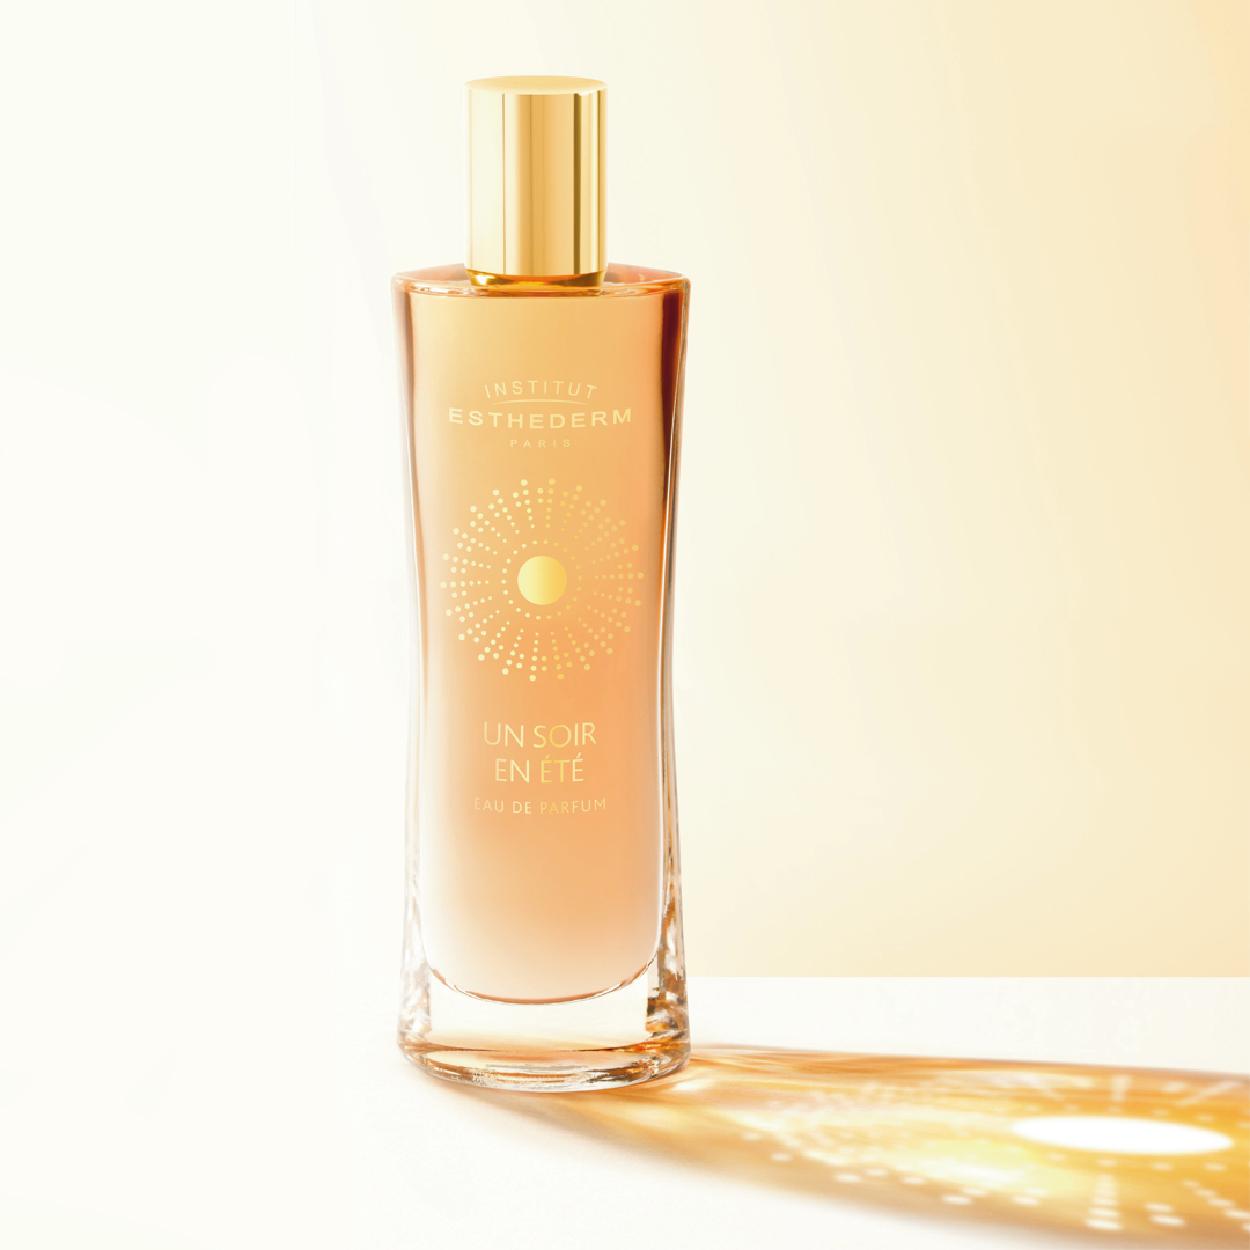 Logo packaging Soir en été ESTHEDERM eau de parfum création 1703 factory